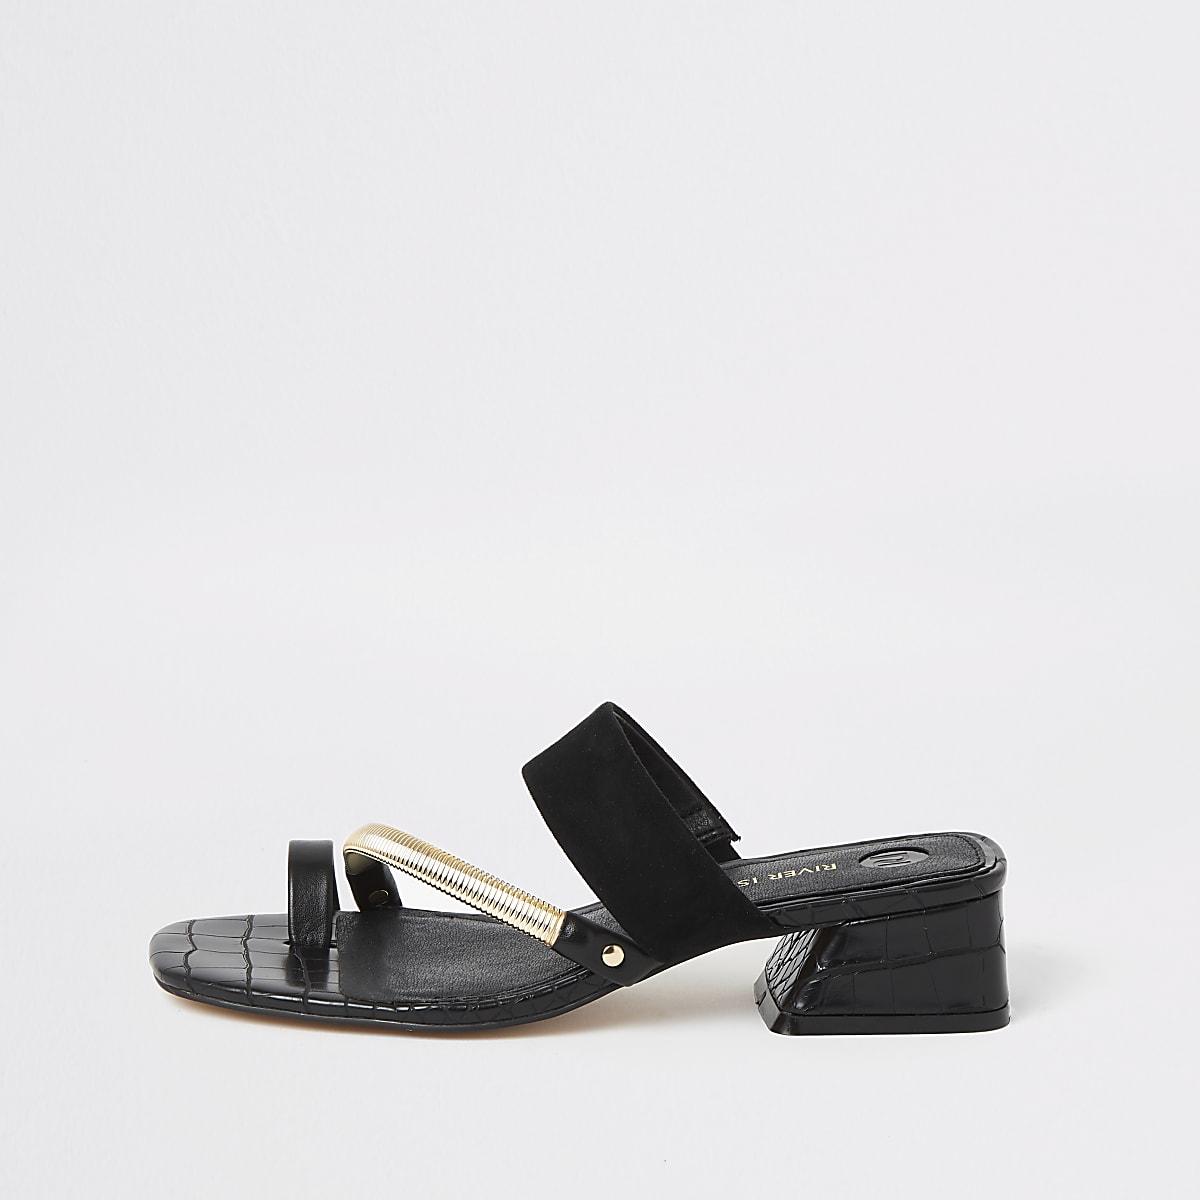 Sandales noires asymétriques avec bride au gros orteil